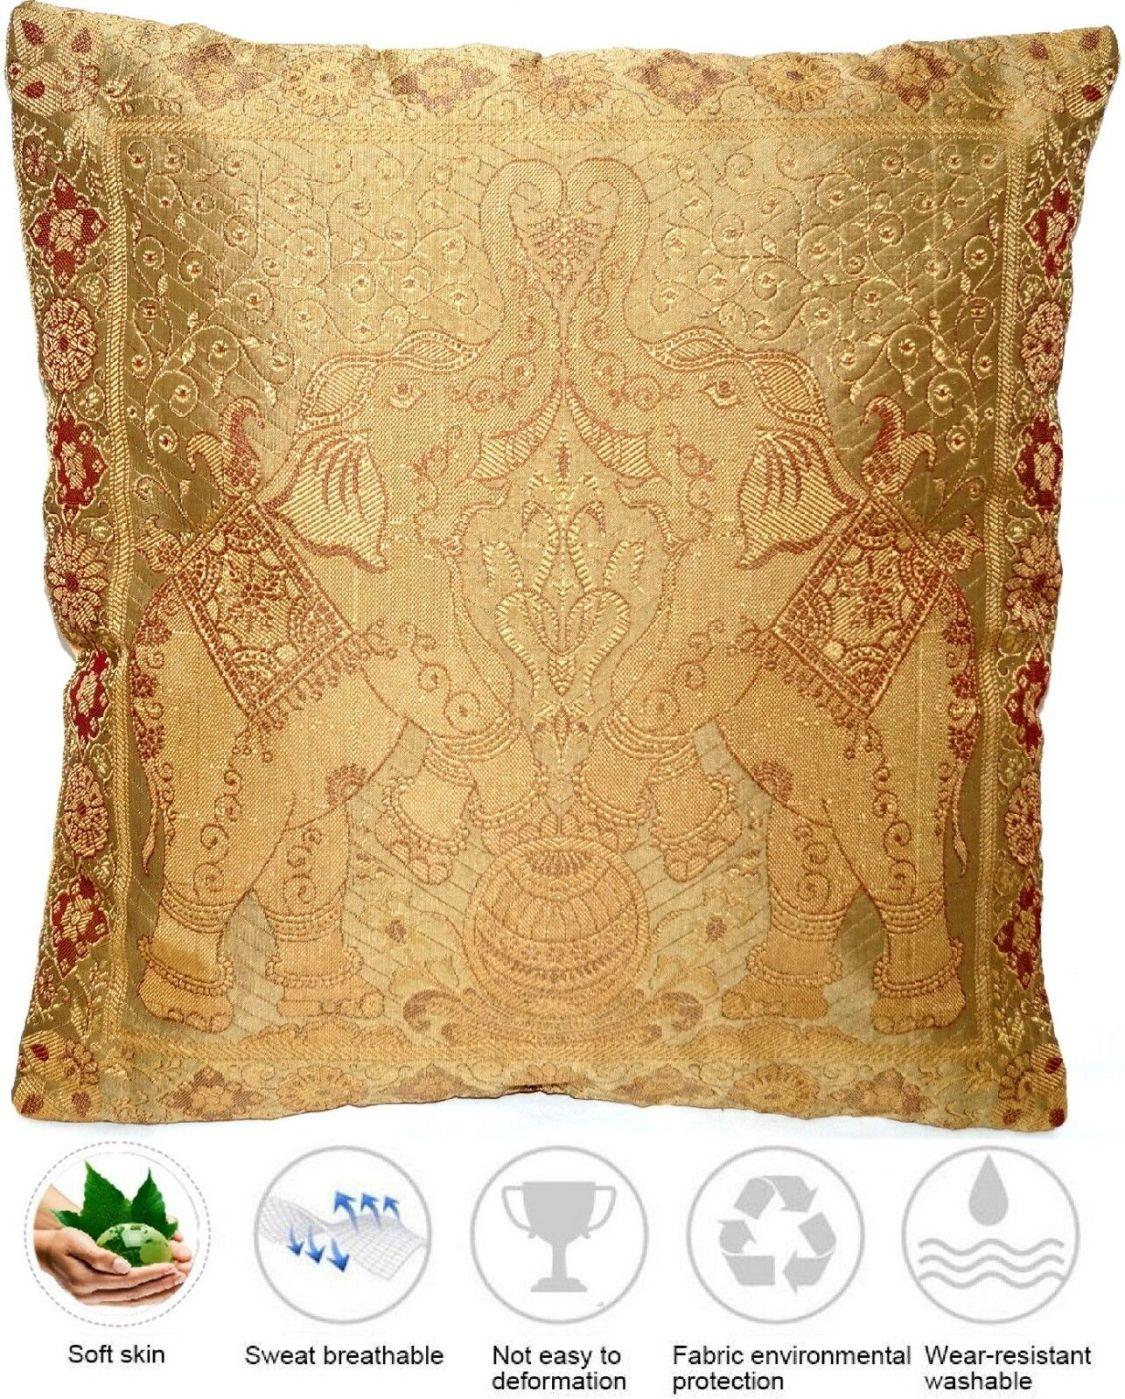 Golden Seide Kissenbezug   Zierkissenbezug   Handgefertigt aus Indien 40cmx40cm